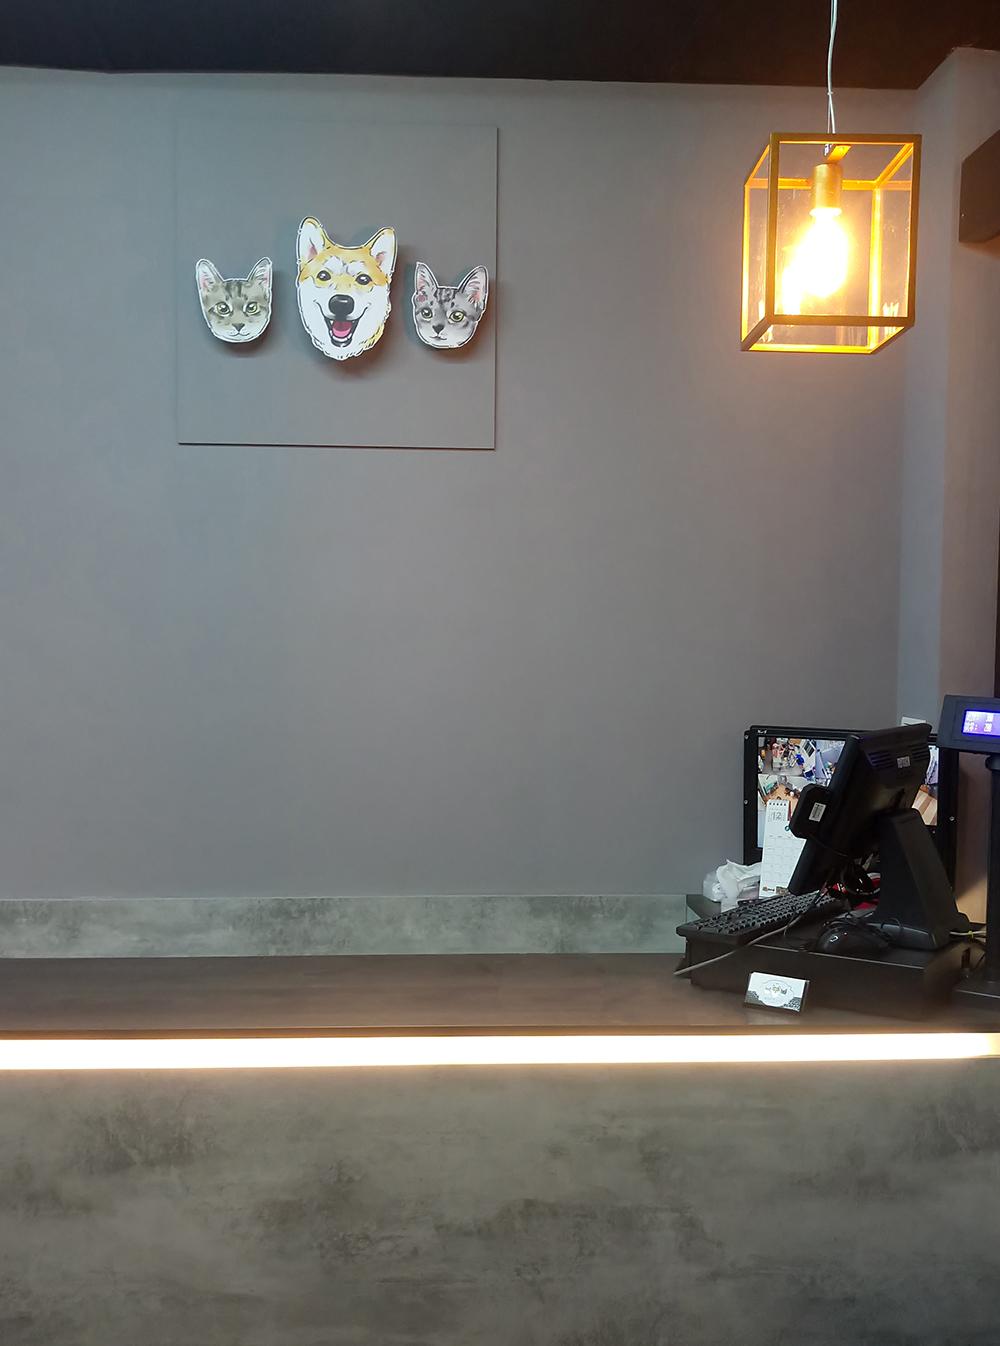 工業風\櫃台\嘟嘟寵物店\觀音區商業空間設計-室內設計,室內裝潢,桃園室內設計,中壢室內設計,雅和室內設計